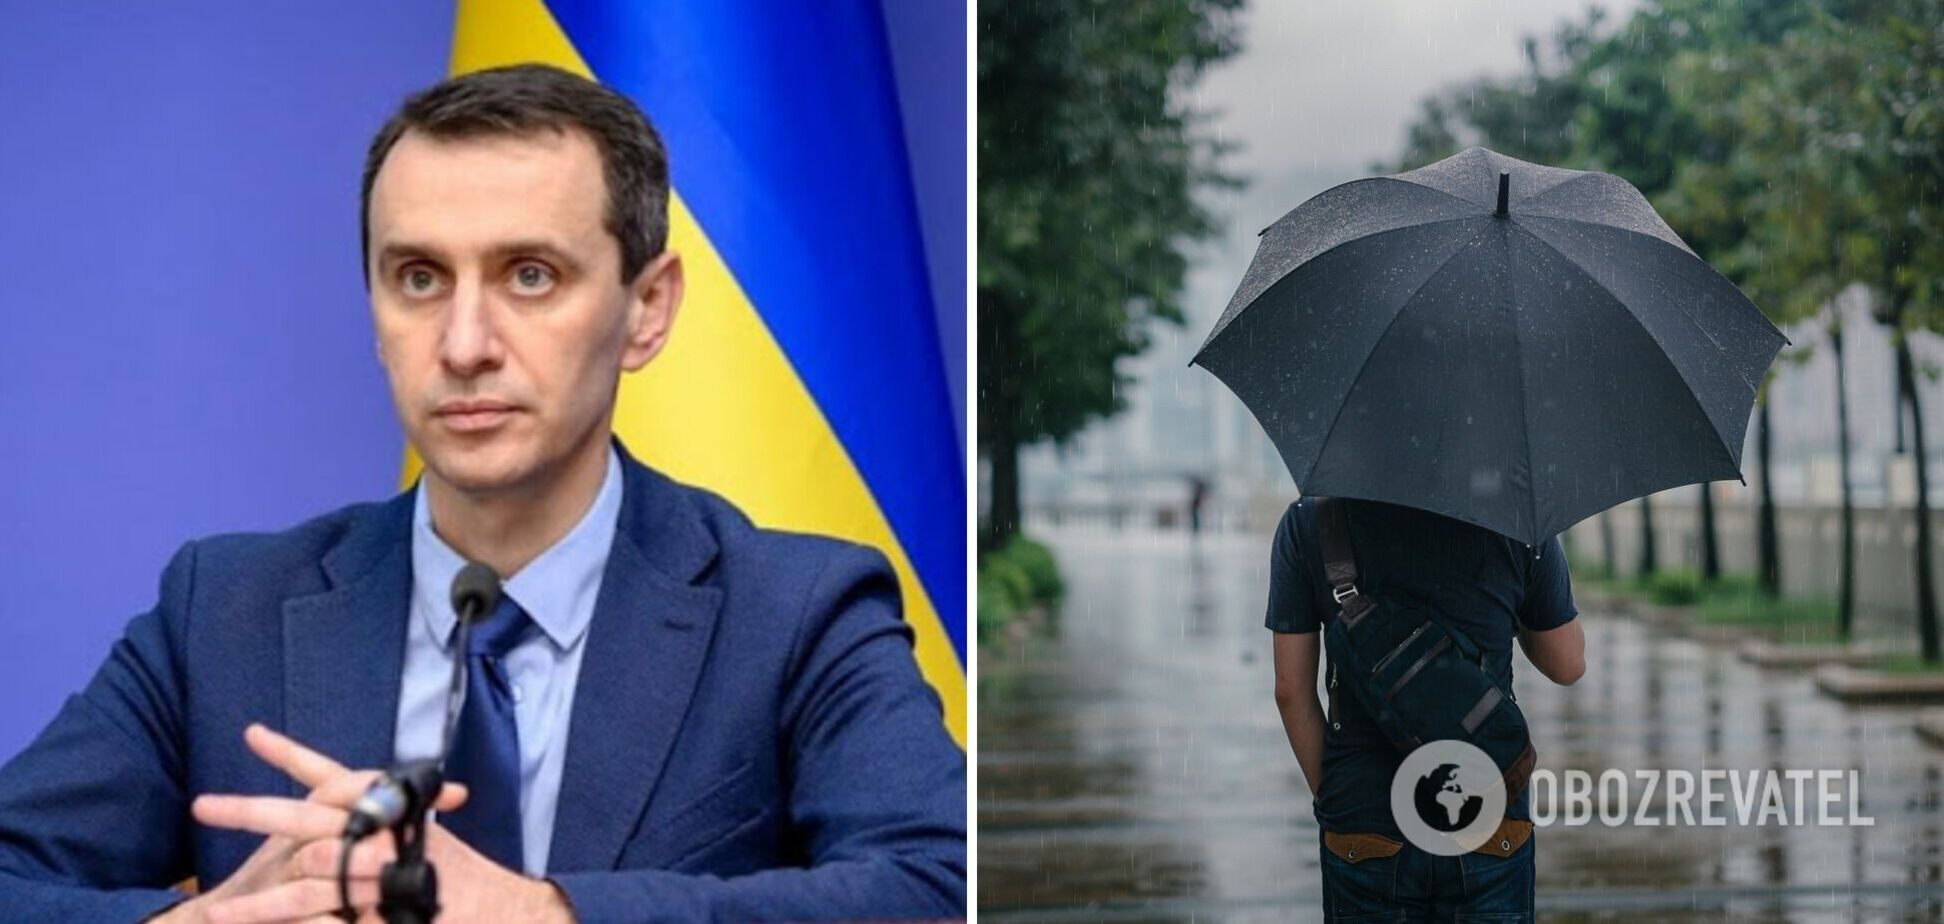 Віктор Ляшко анонсував нові препарати, а синоптики попередили про дощ